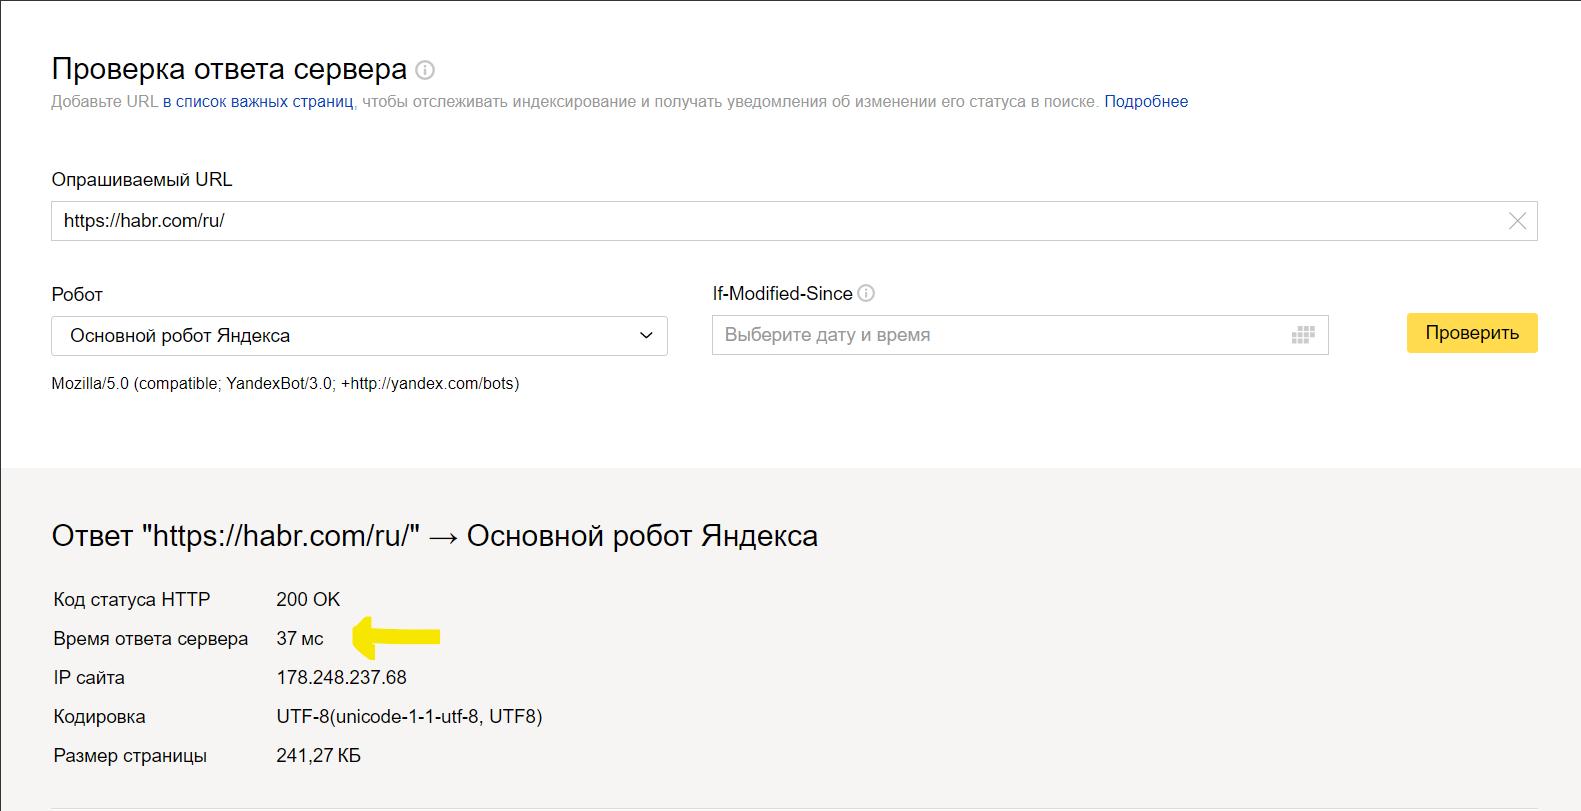 Проверка ответа сервера в «Яндекс.Вебмастере»